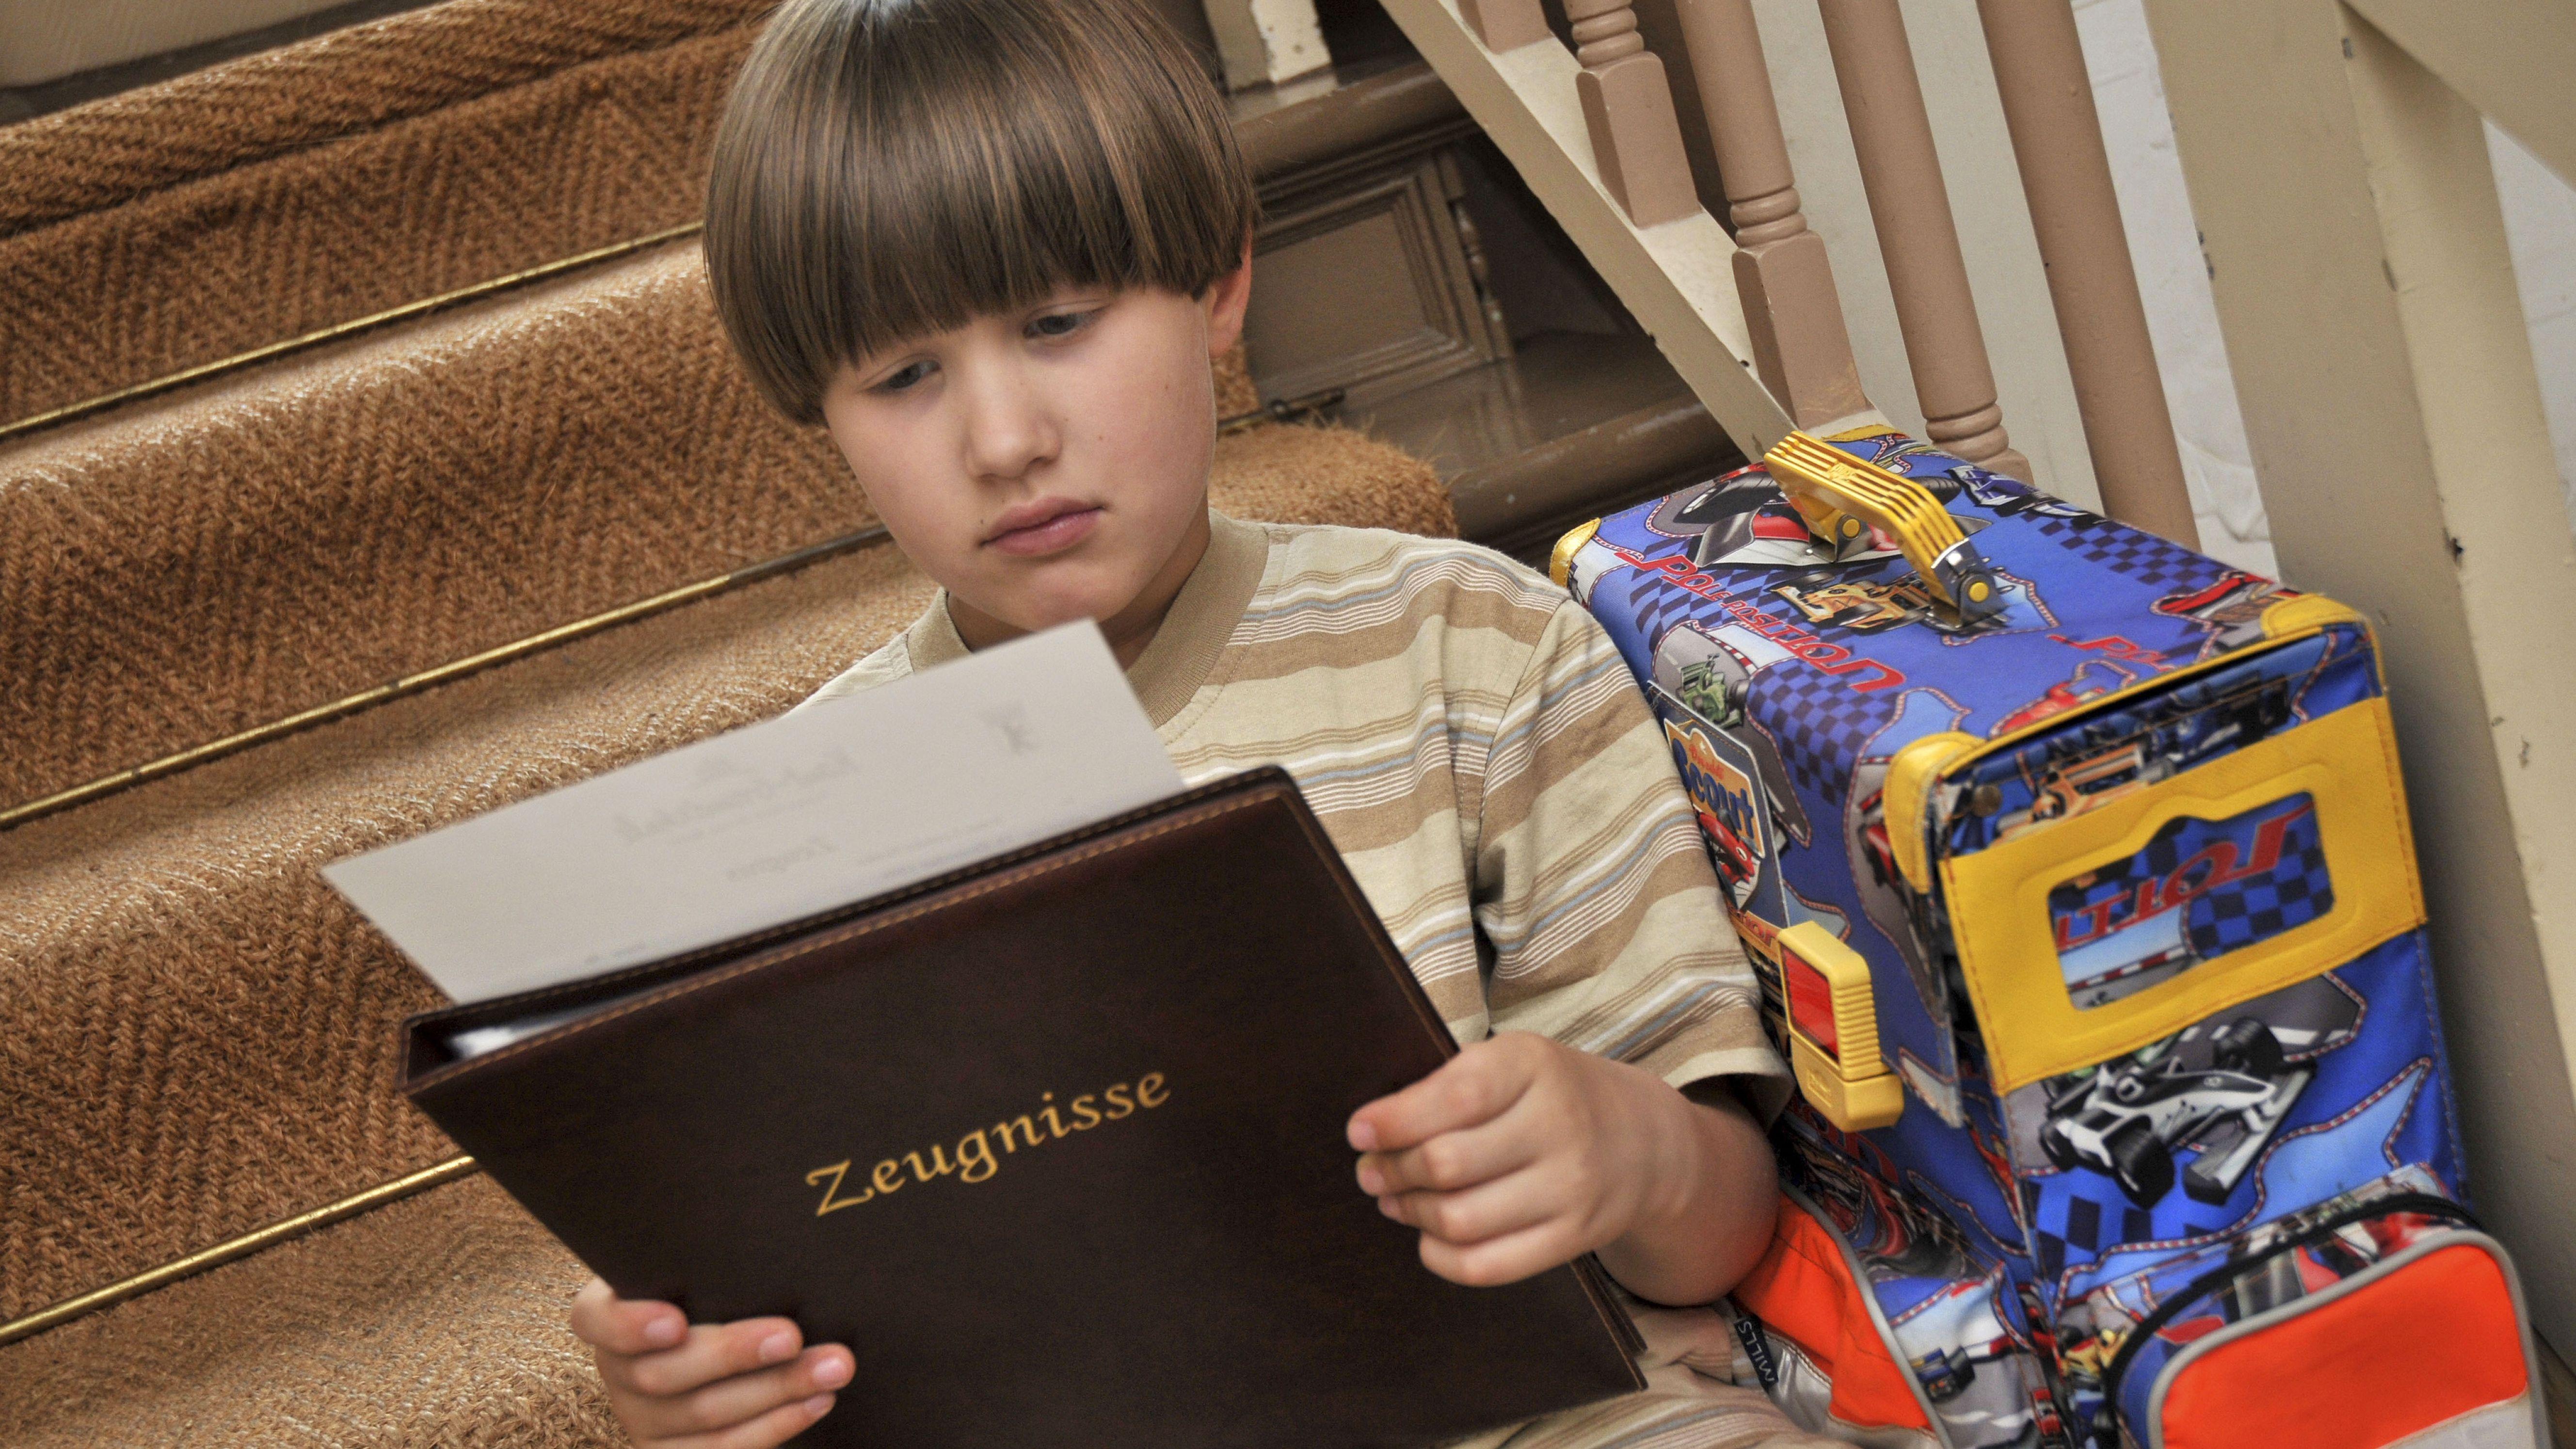 Junge sitzt auf der Treppe und liest Zeugnis